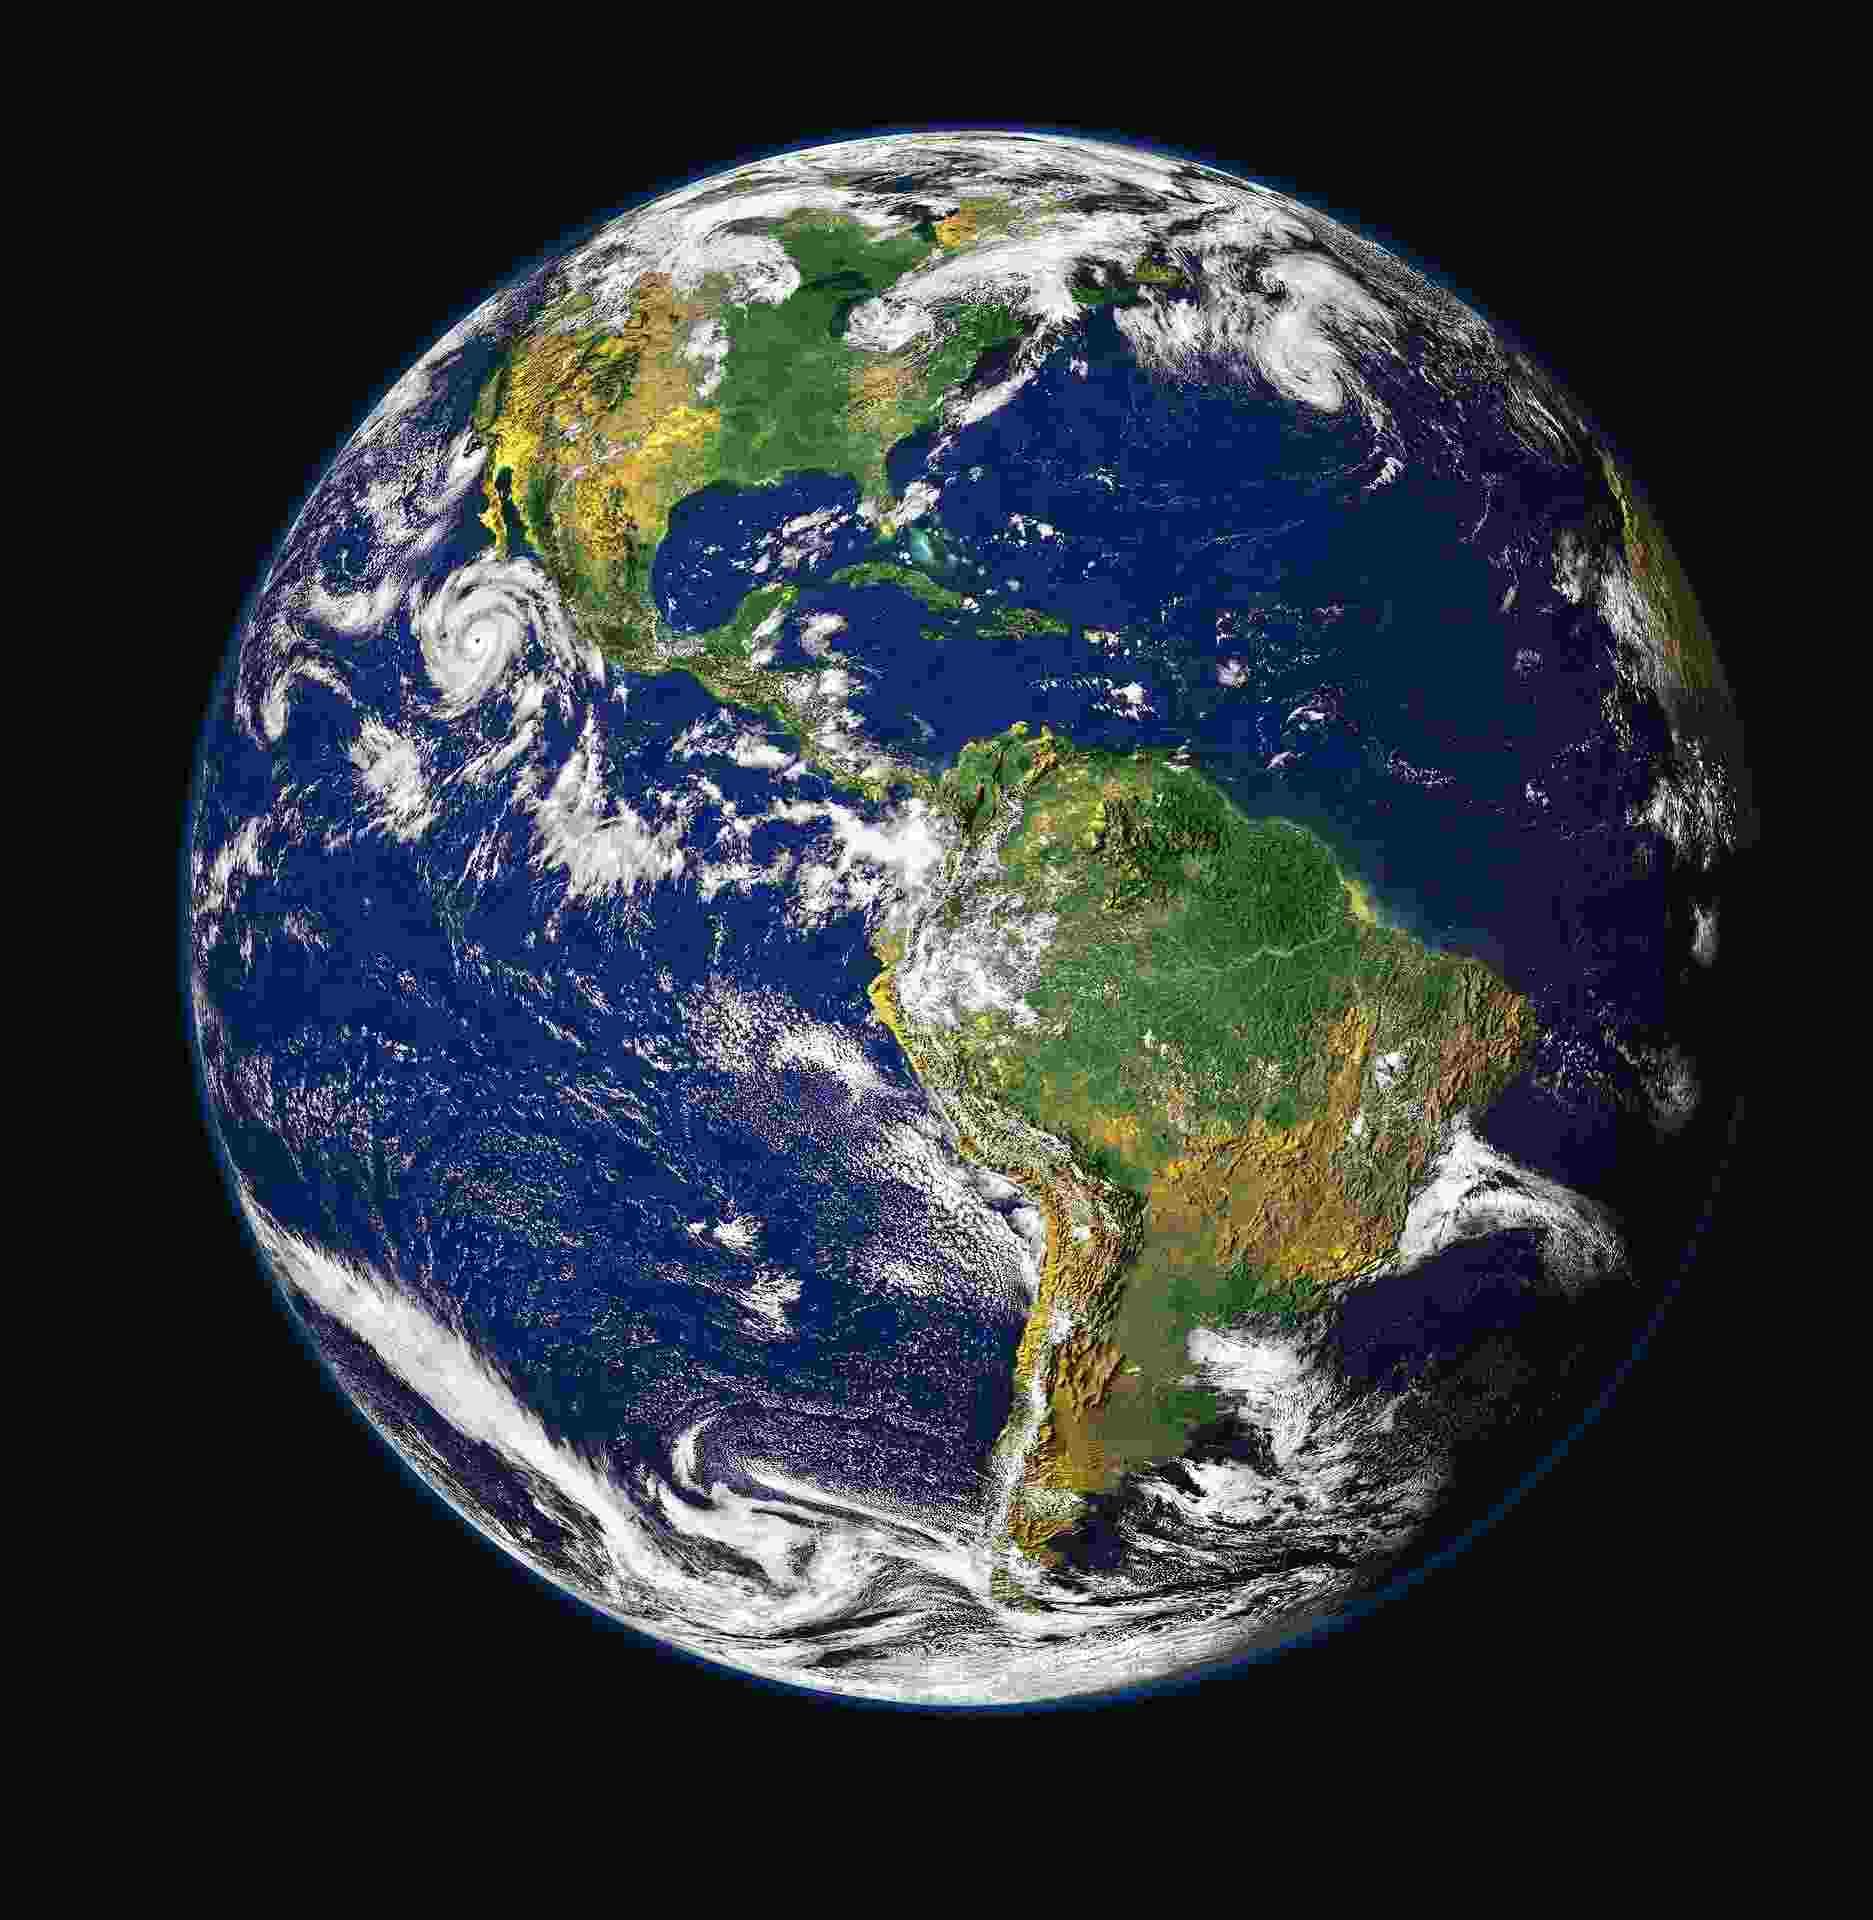 Der Planet Erde aus dem Weltall